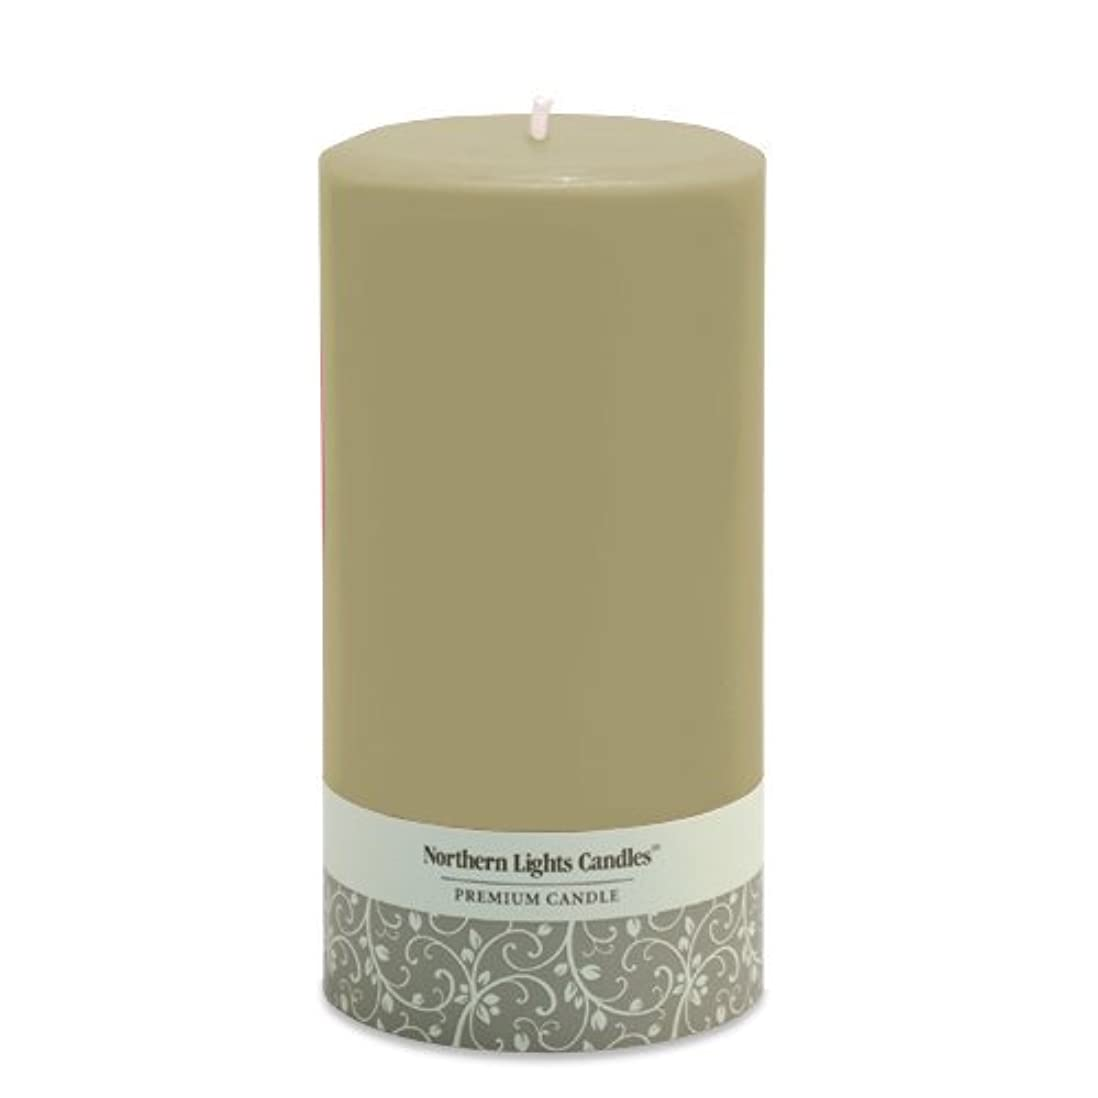 酒炎上移住するNorthern Lights Candles Fragrance Free Pillar Candle, 3 by 6-Inch, Sand [並行輸入品]